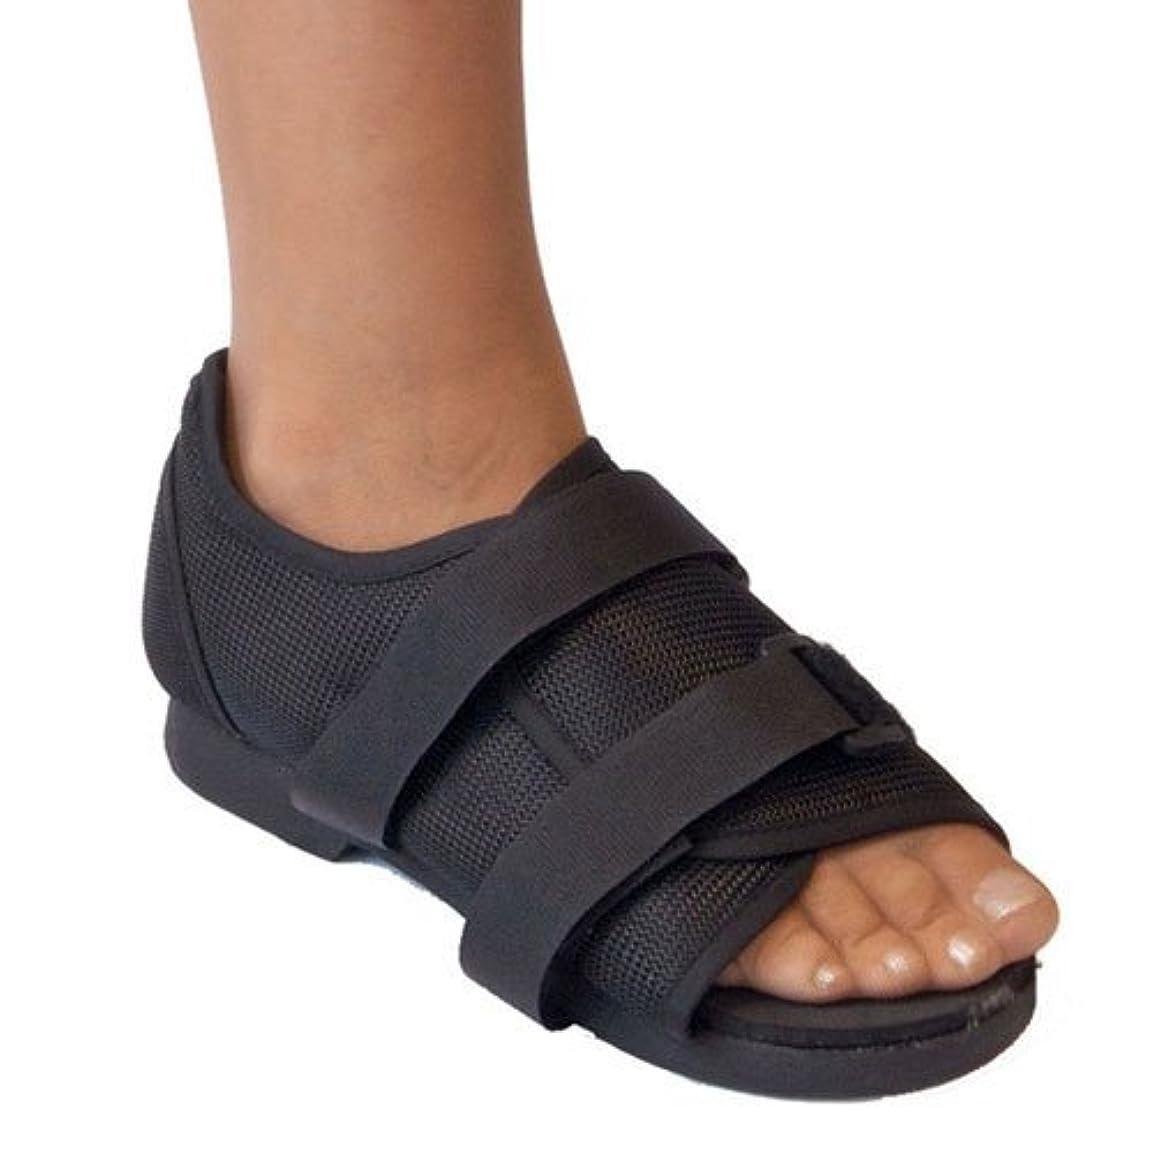 うなずく議題侮辱術後靴、メディカルウォーキング、骨折した骨の耐久性のあるつま先整形外科サポートブレース。,M